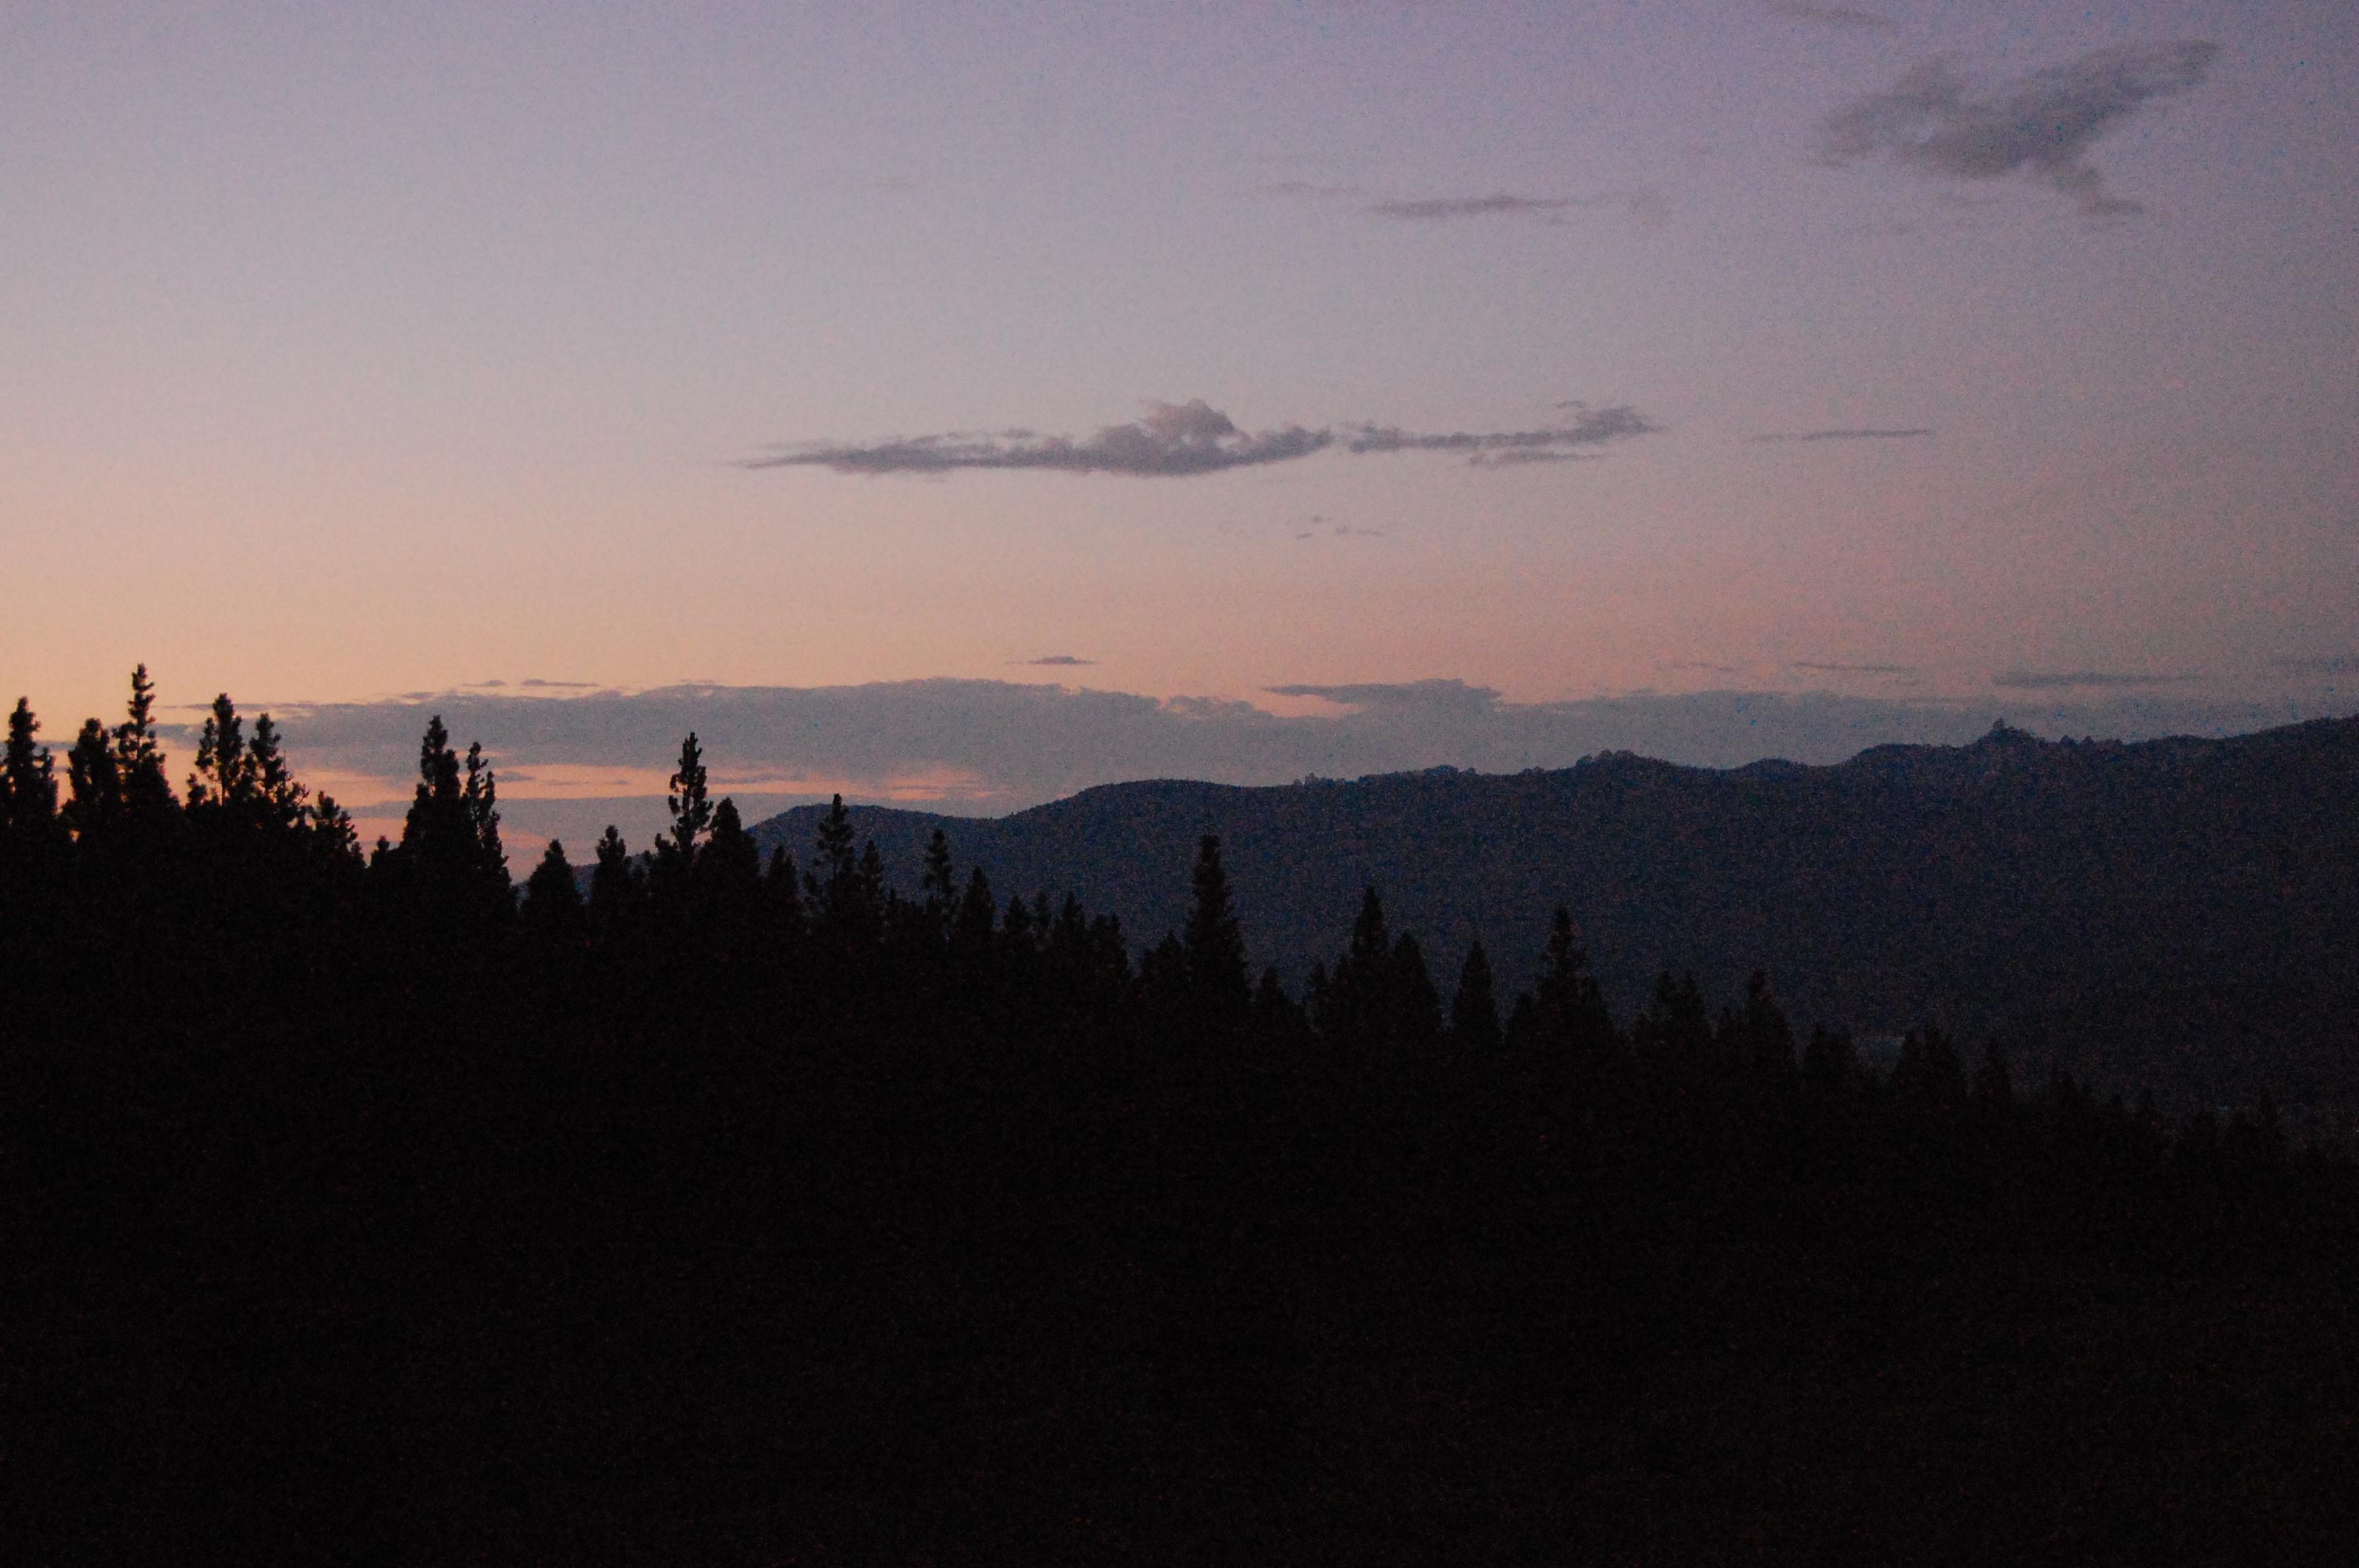 Sun rise on Mount Shasta